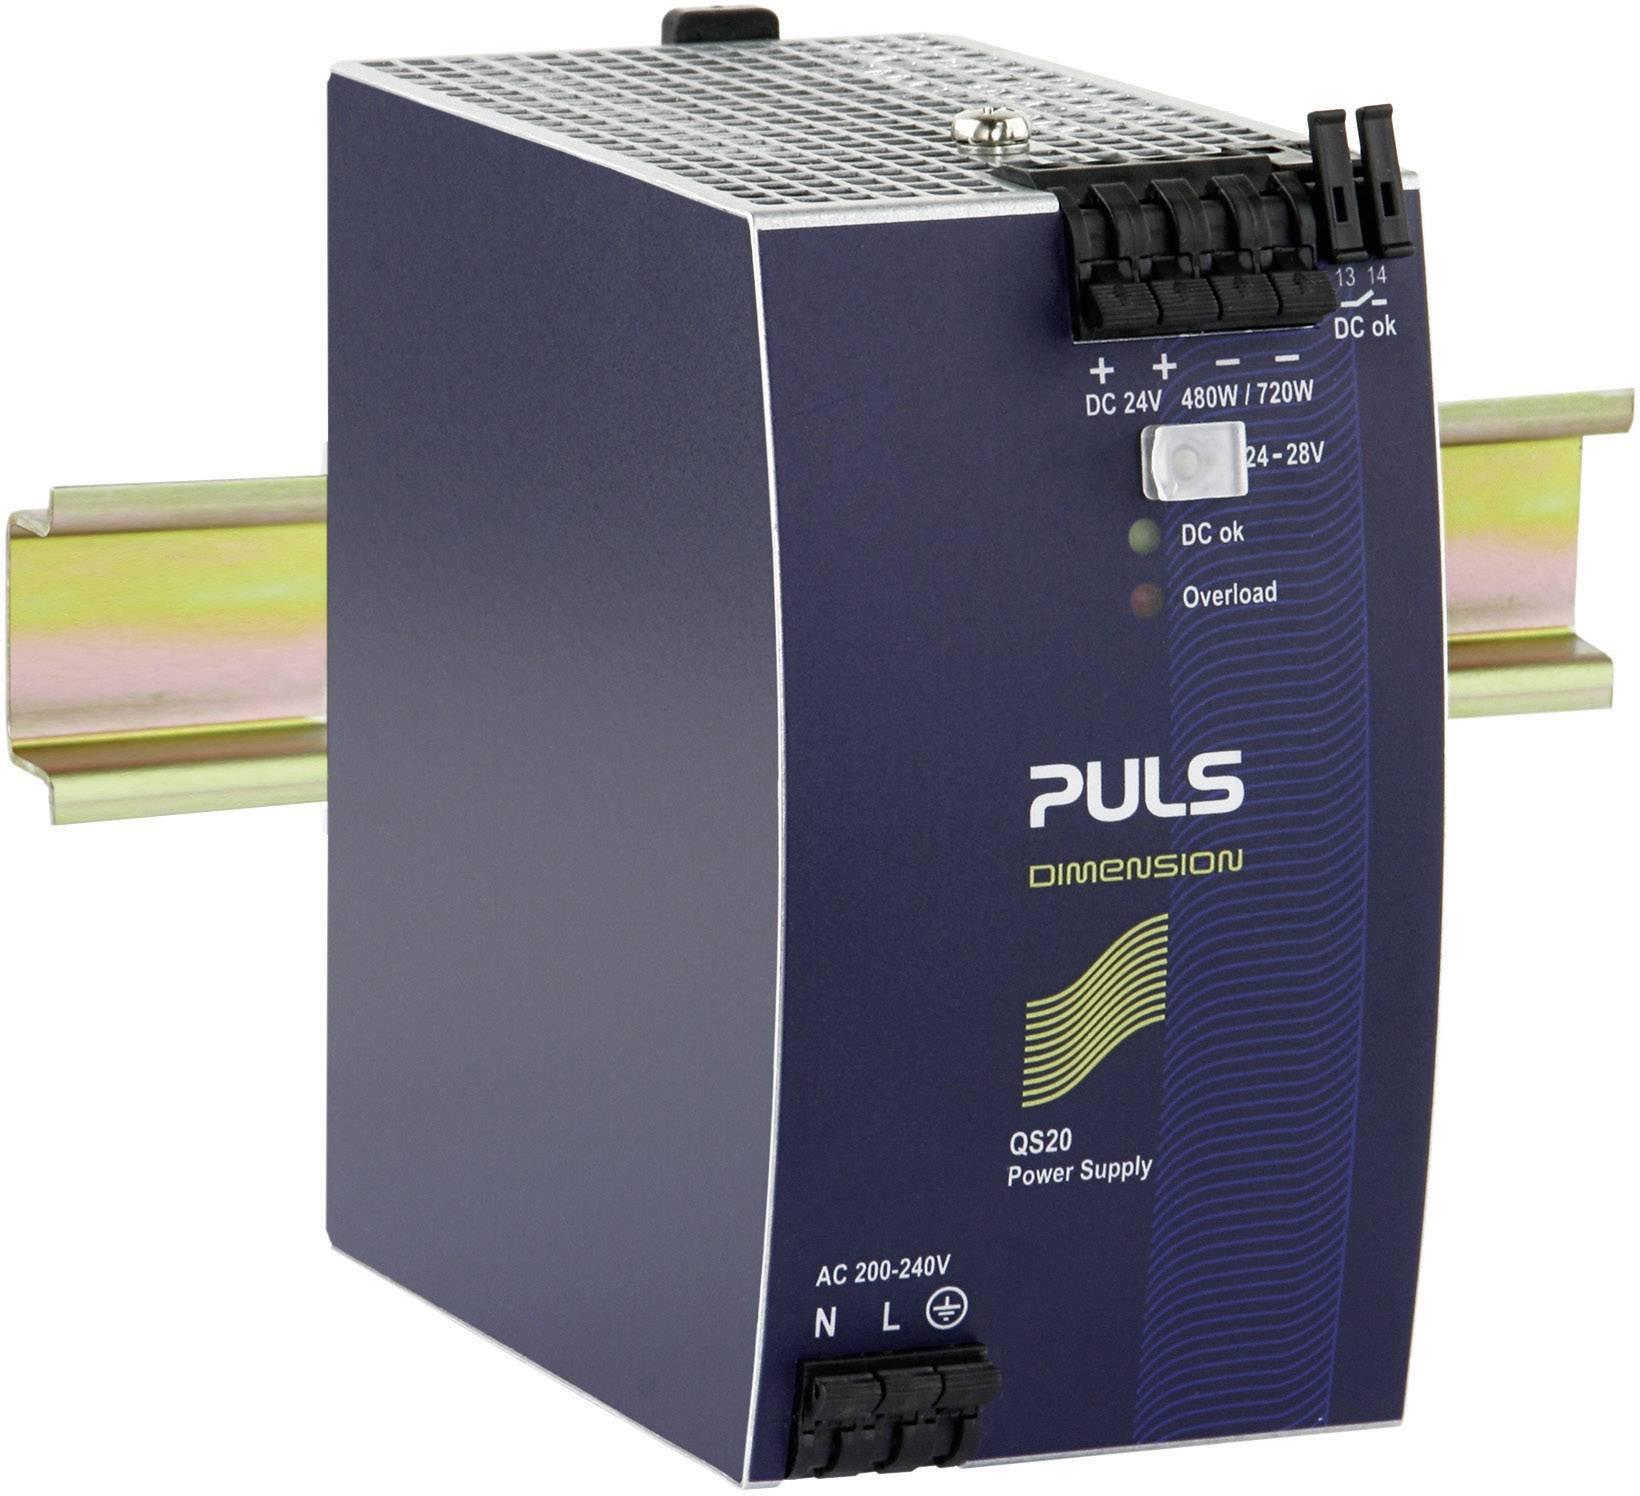 Sieťový zdroj na montážnu lištu (DIN lištu) PULS DIMENSION QS20.244, 1 x, 24 V/DC, 20 A, 480 W